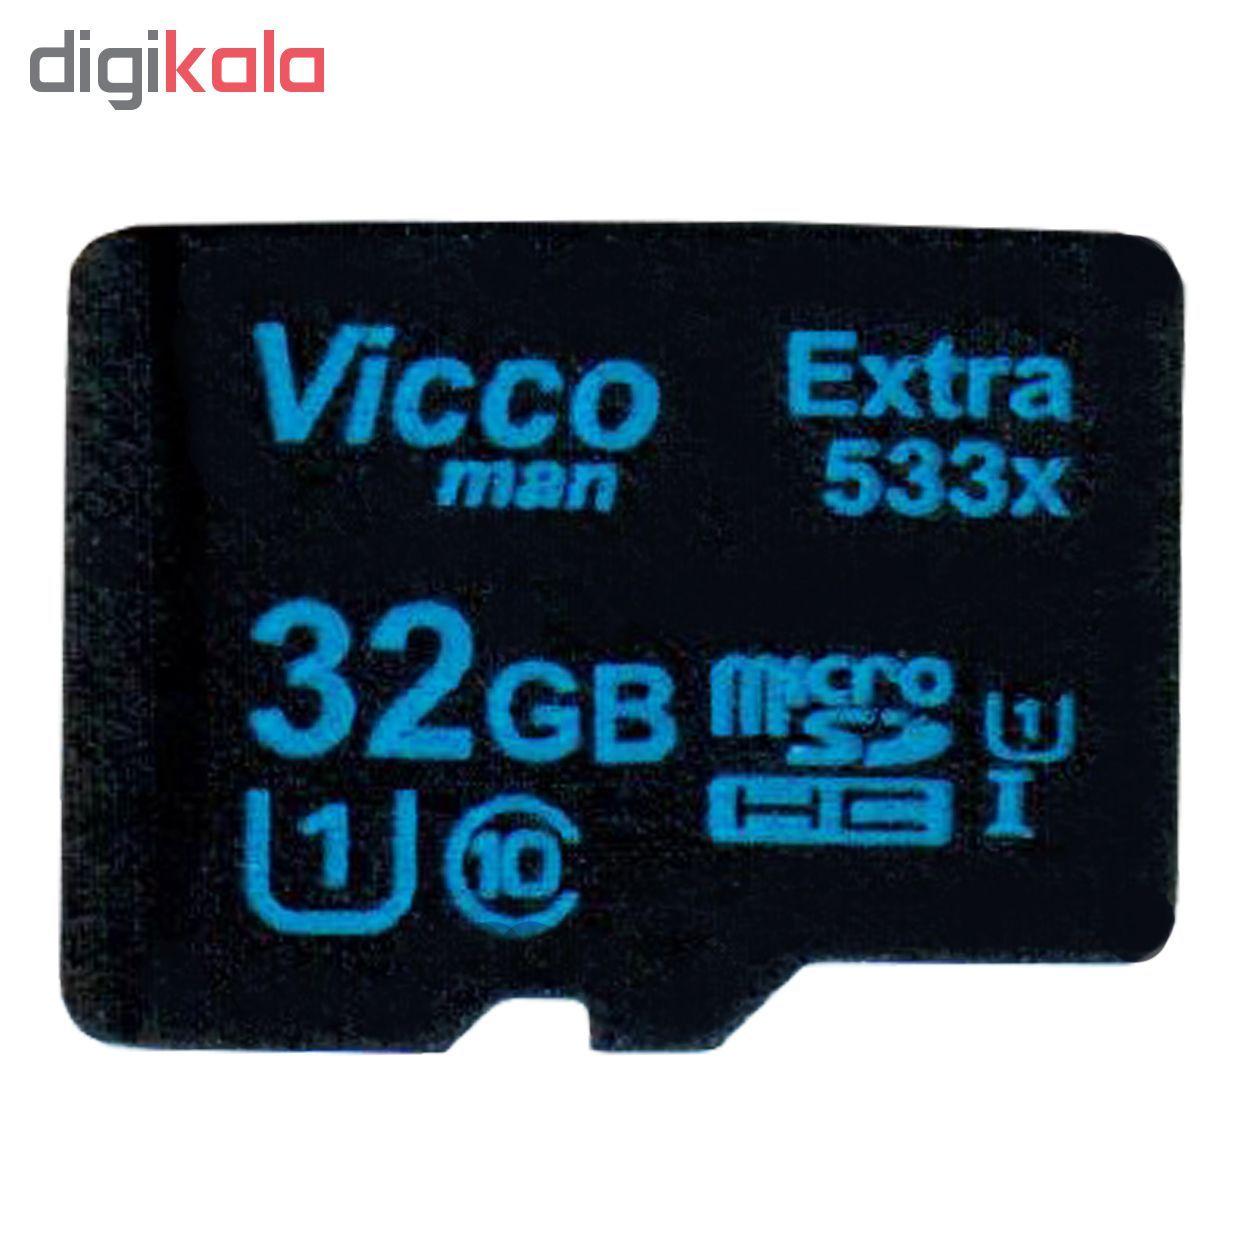 کارت حافظه microSDHC ویکومن مدل Extre 533X کلاس 10 استاندارد UHS-I U1 سرعت80MBps ظرفیت 32 گیگابایت  main 1 1